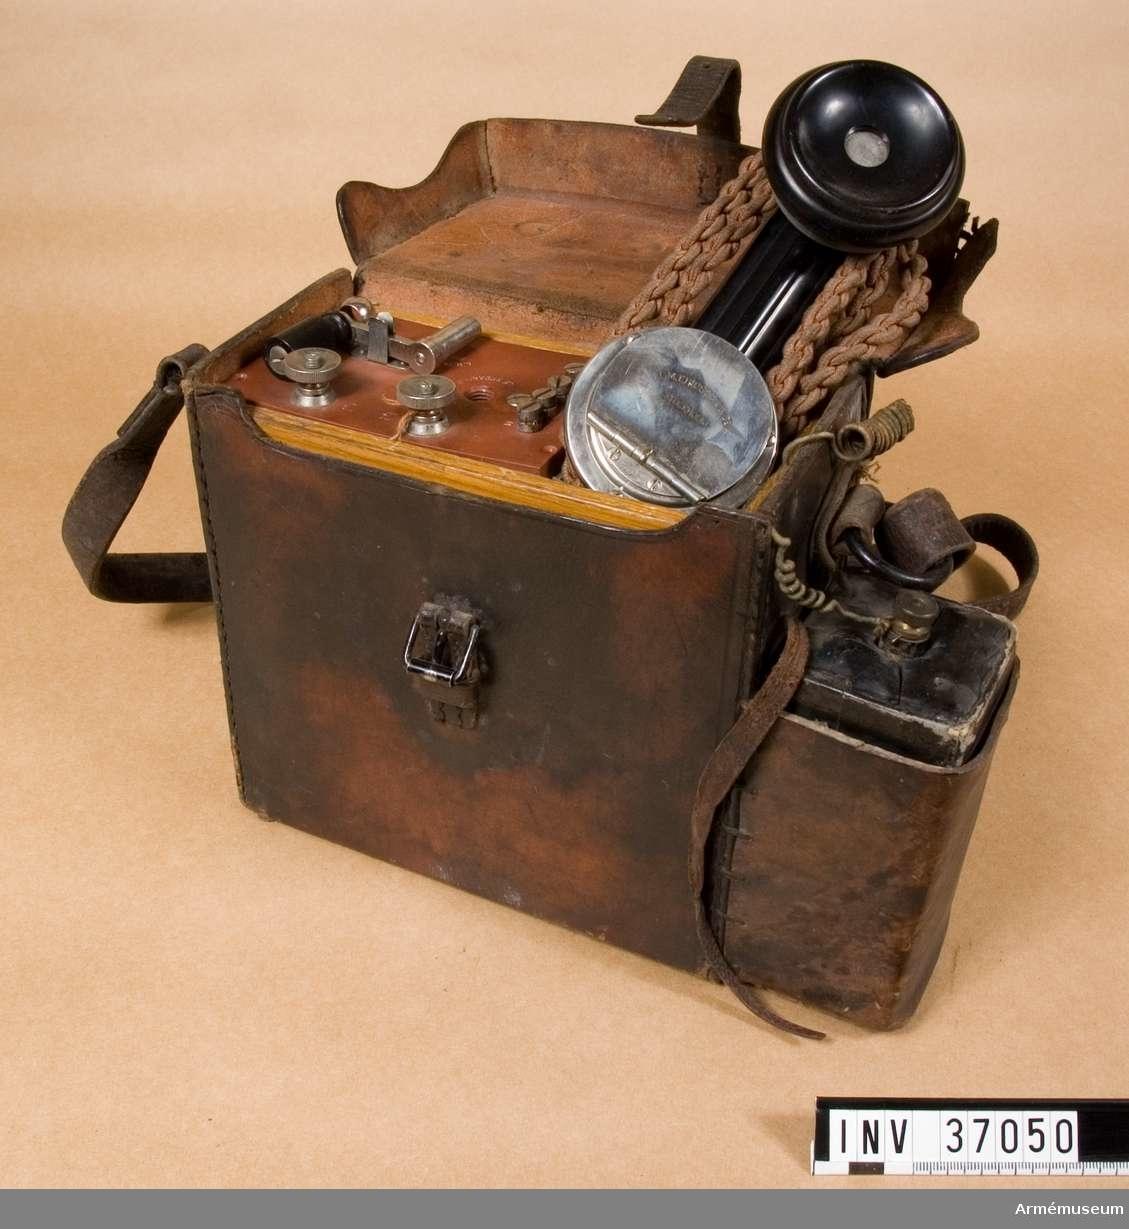 Grupp H I.  En fälttelefon med vevinduktor, polariserad ringklocka och handmikrotelefon i läderetui.  Handmikrotelefonen är av L M Ericssons ryska, hopskjutbara typ.